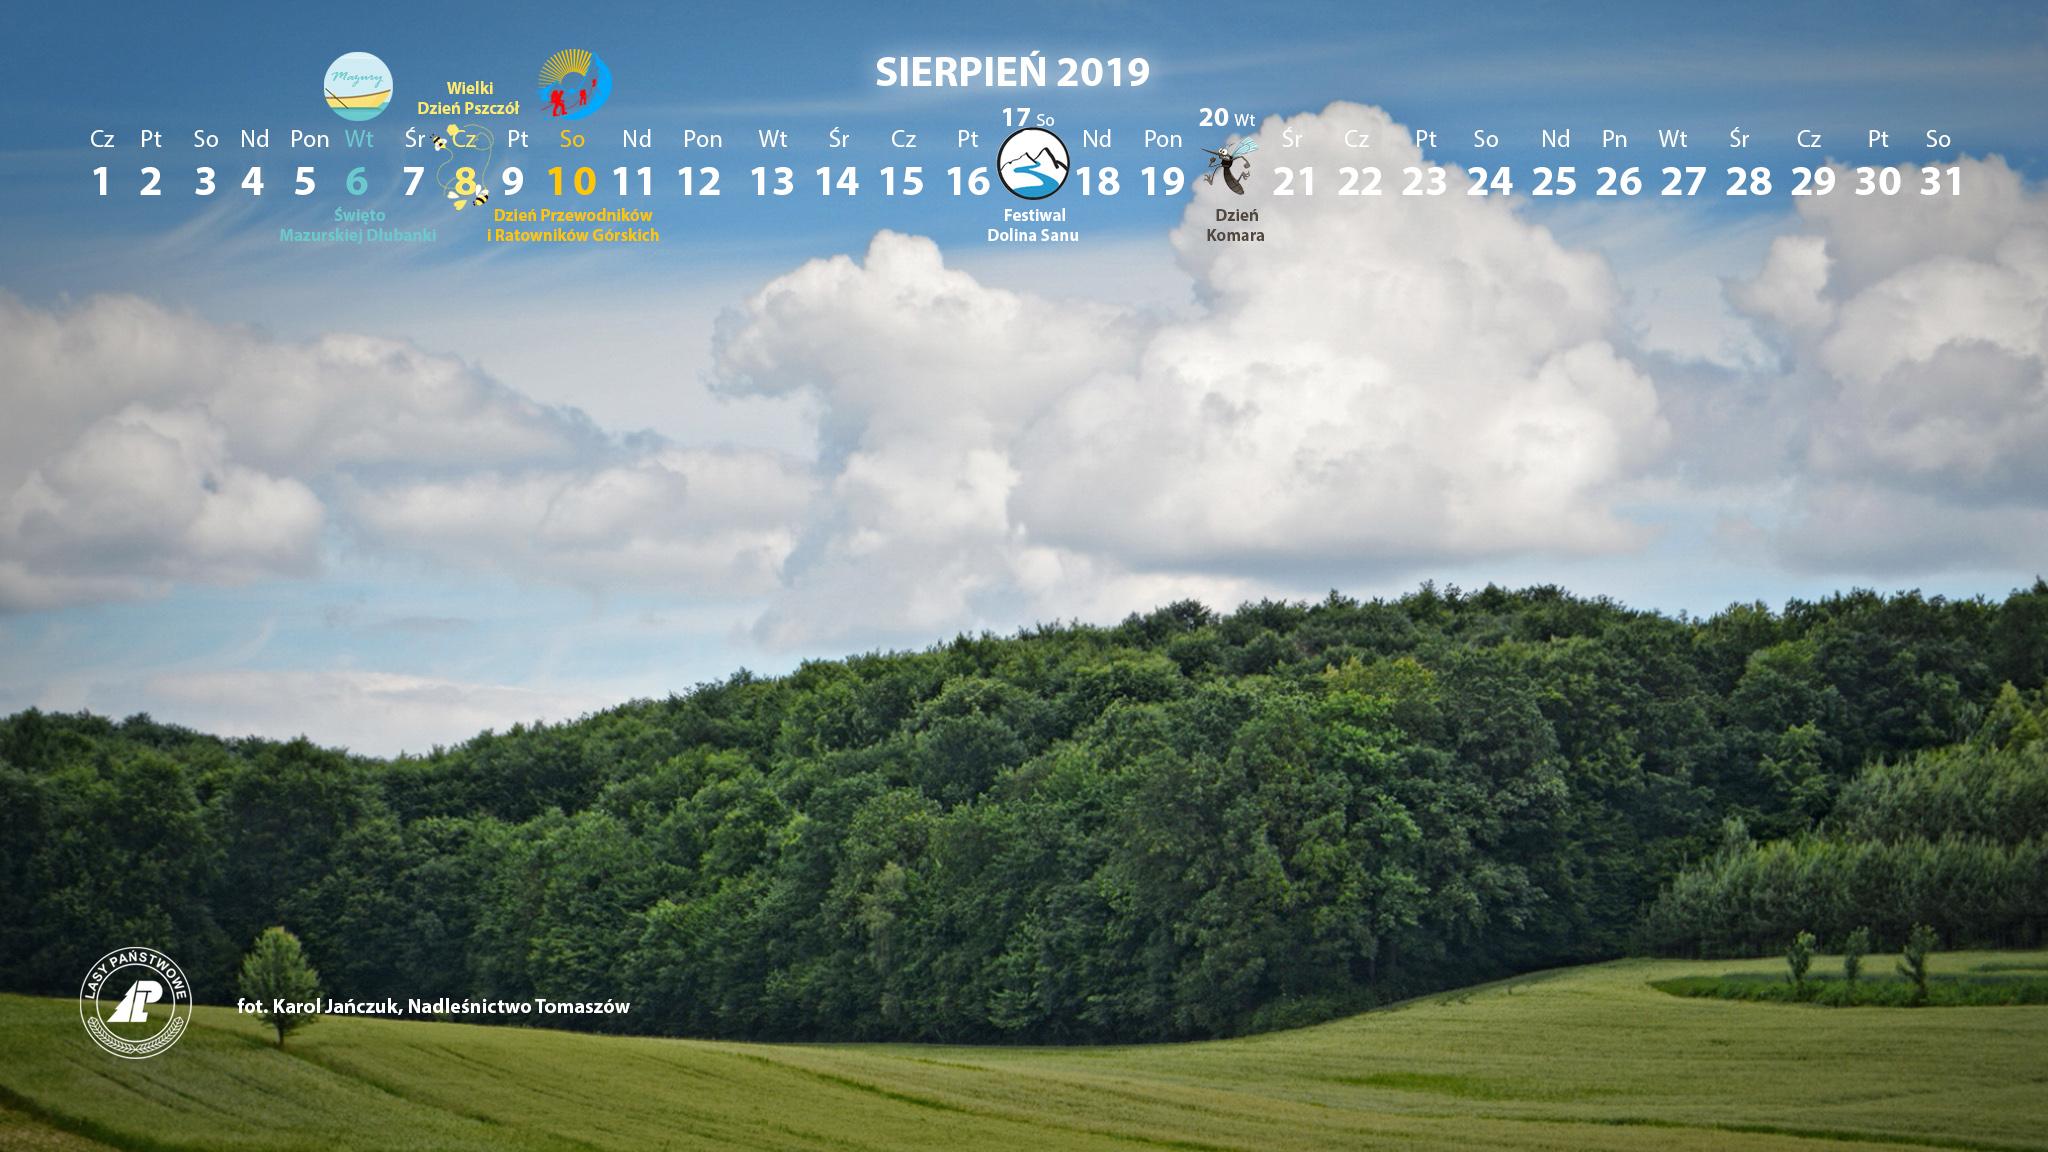 Kalendarz_sierpień_2019_2048x1152[1].jpg